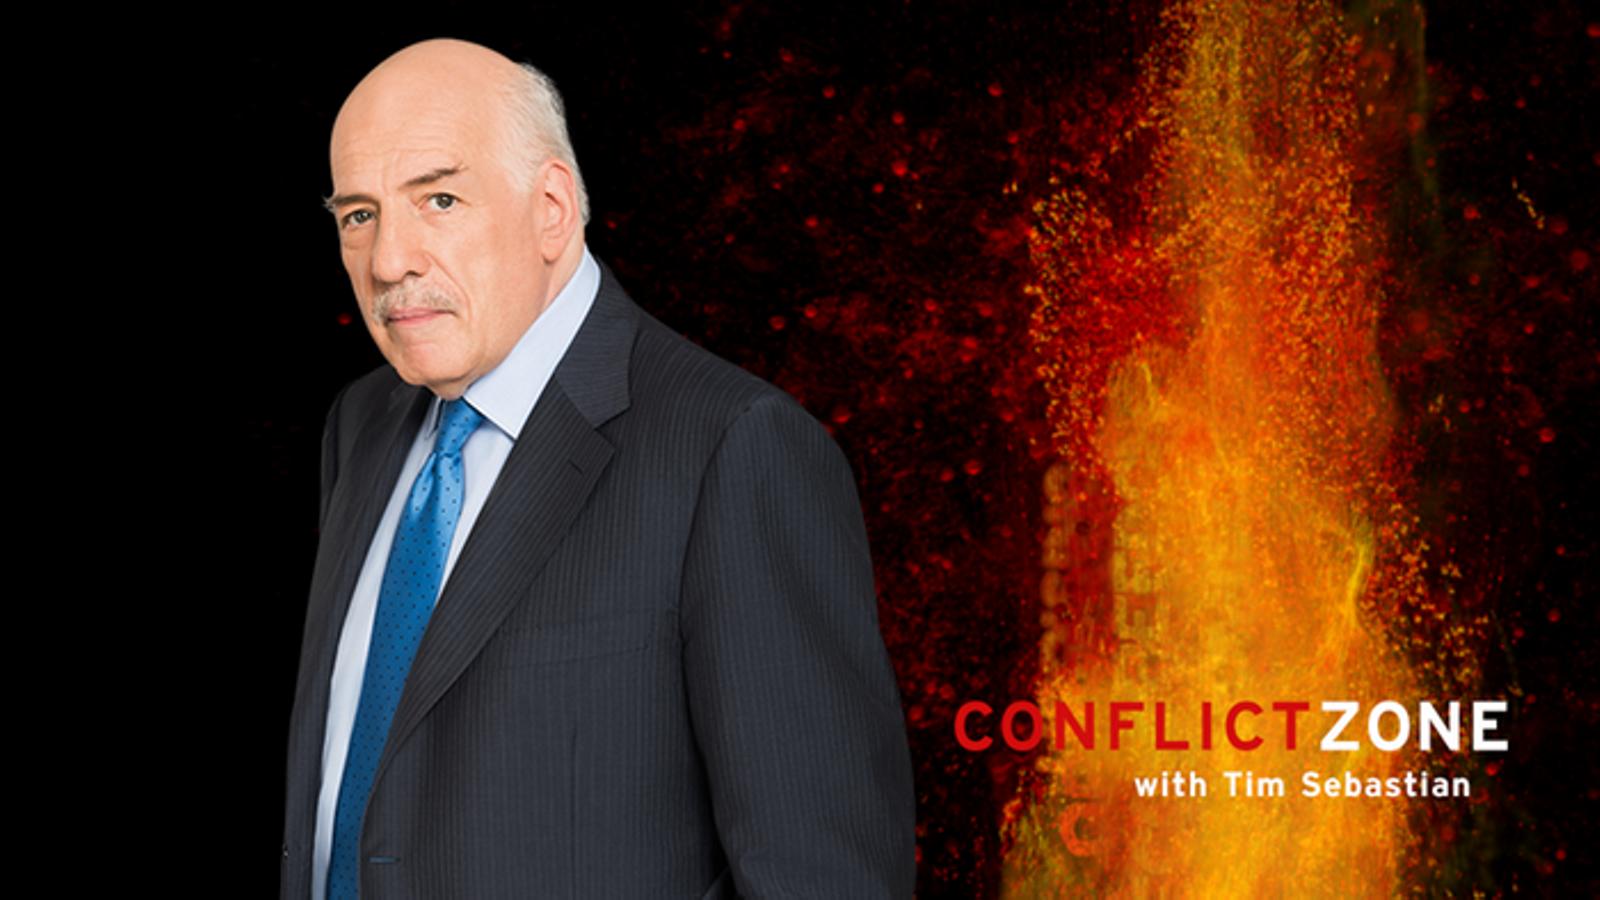 Qui és Tim Sebastian, el periodista que treu de polleguera Borrell en una entrevista